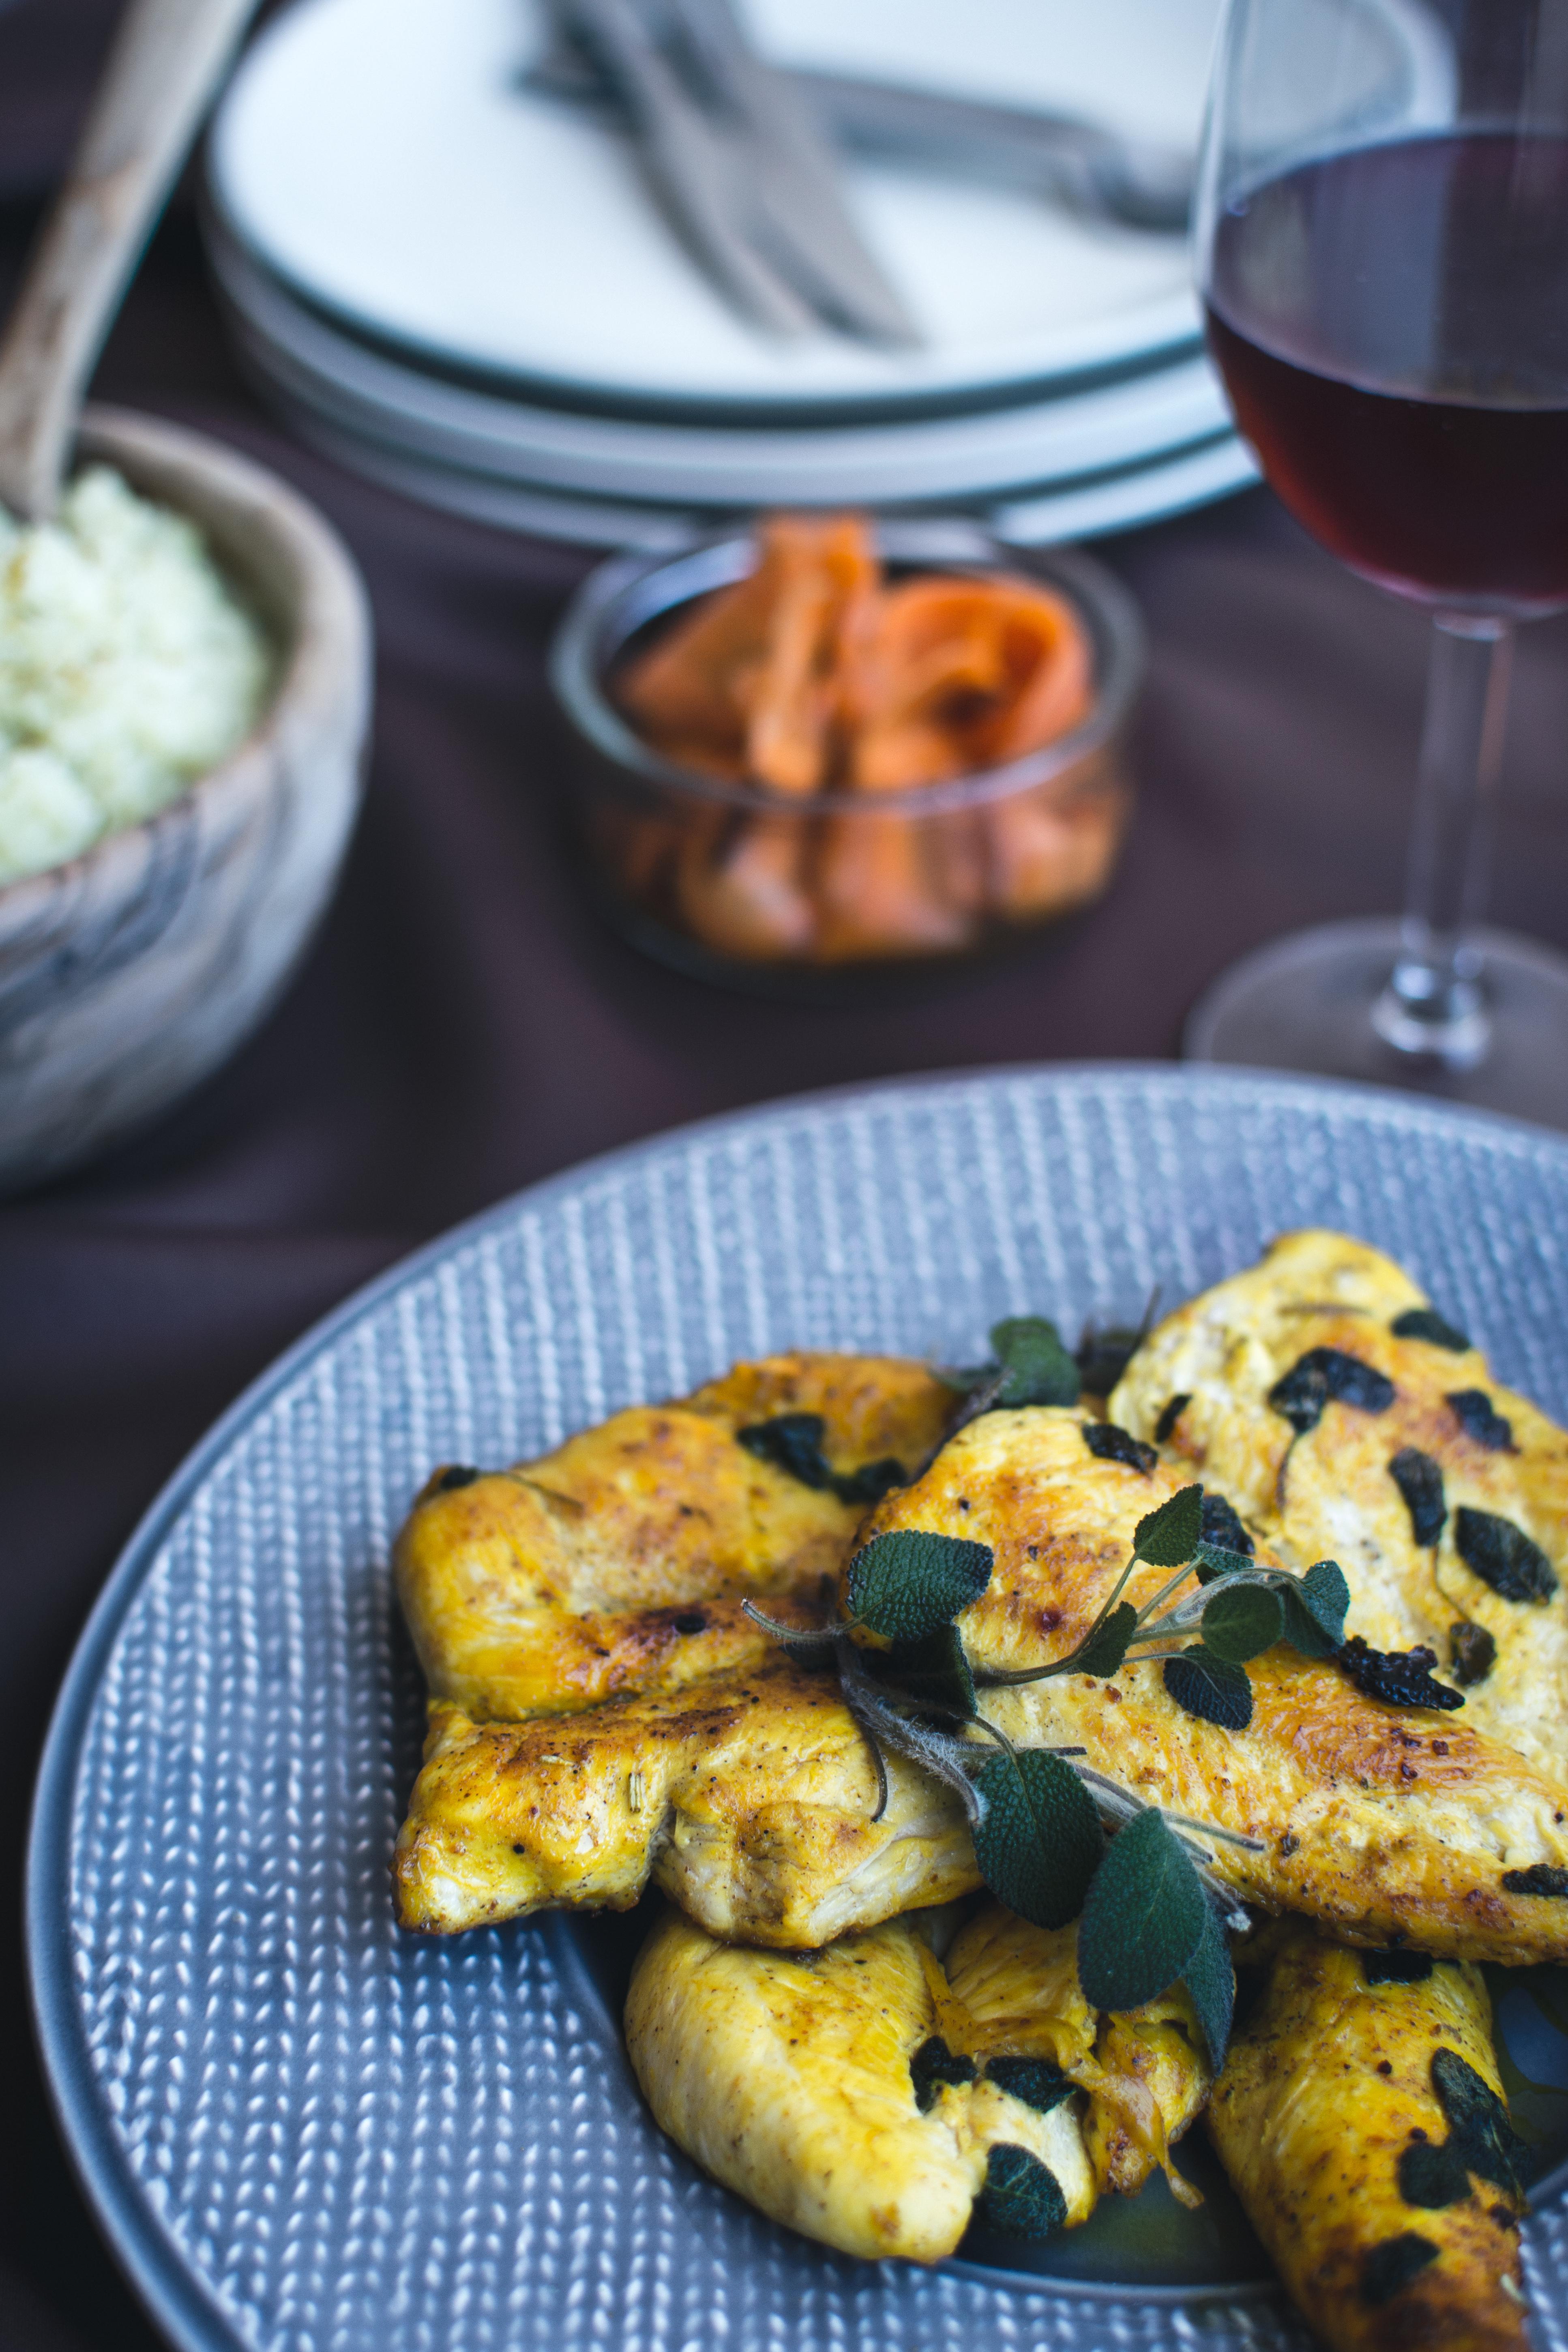 Paleo chicken breast with mashed cauliflower